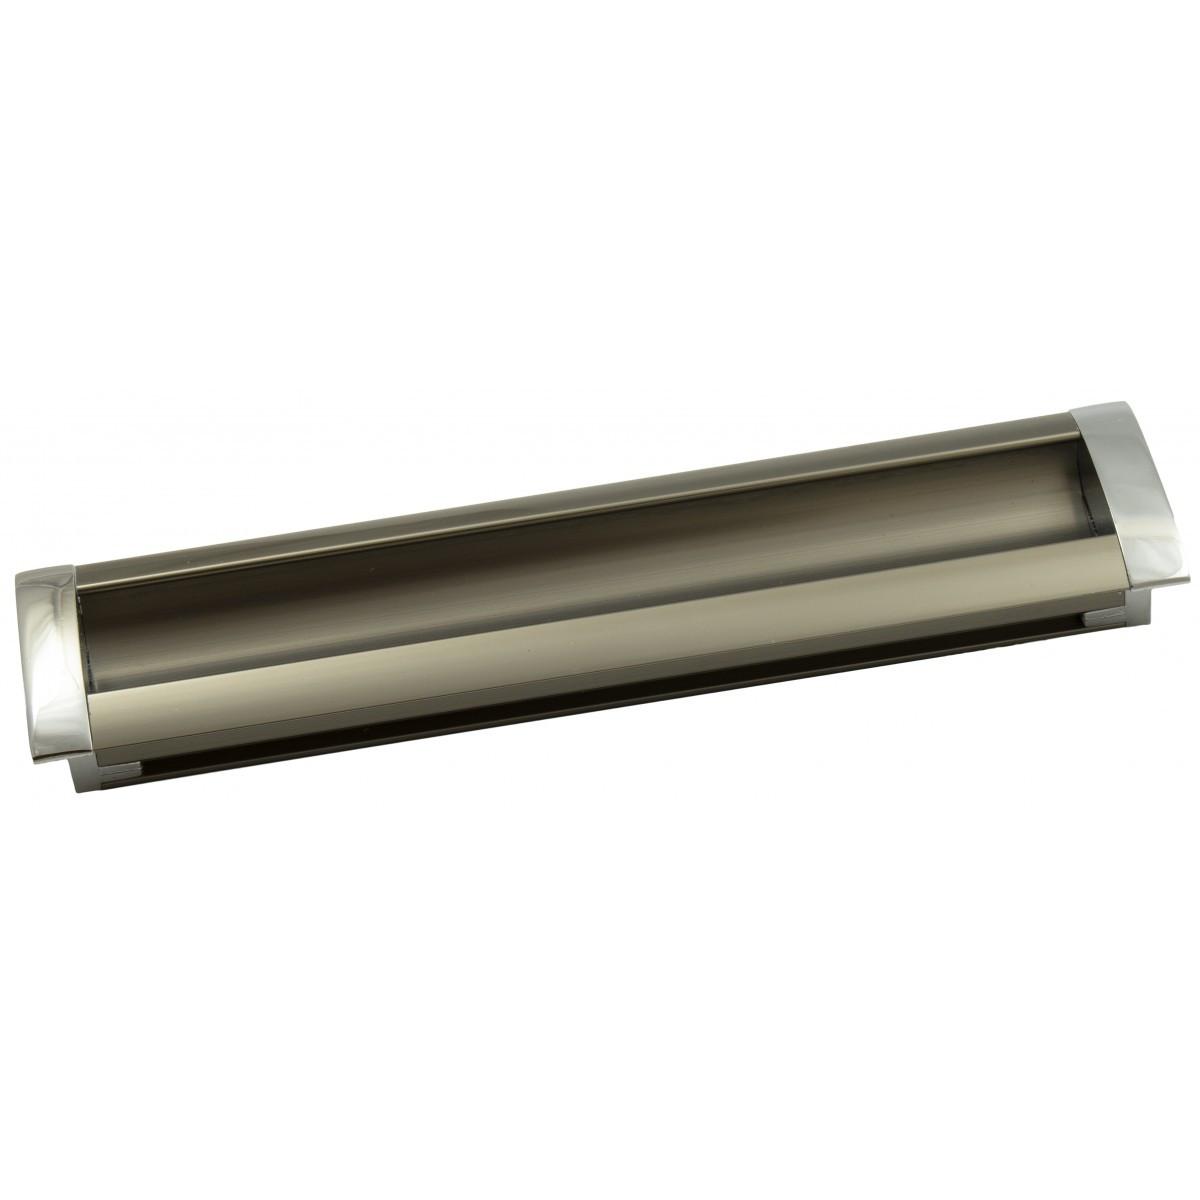 Ручка меблева Ozkardesler 14.200-06/022 GOммE BOY KULP 160мм Хром-Сталь